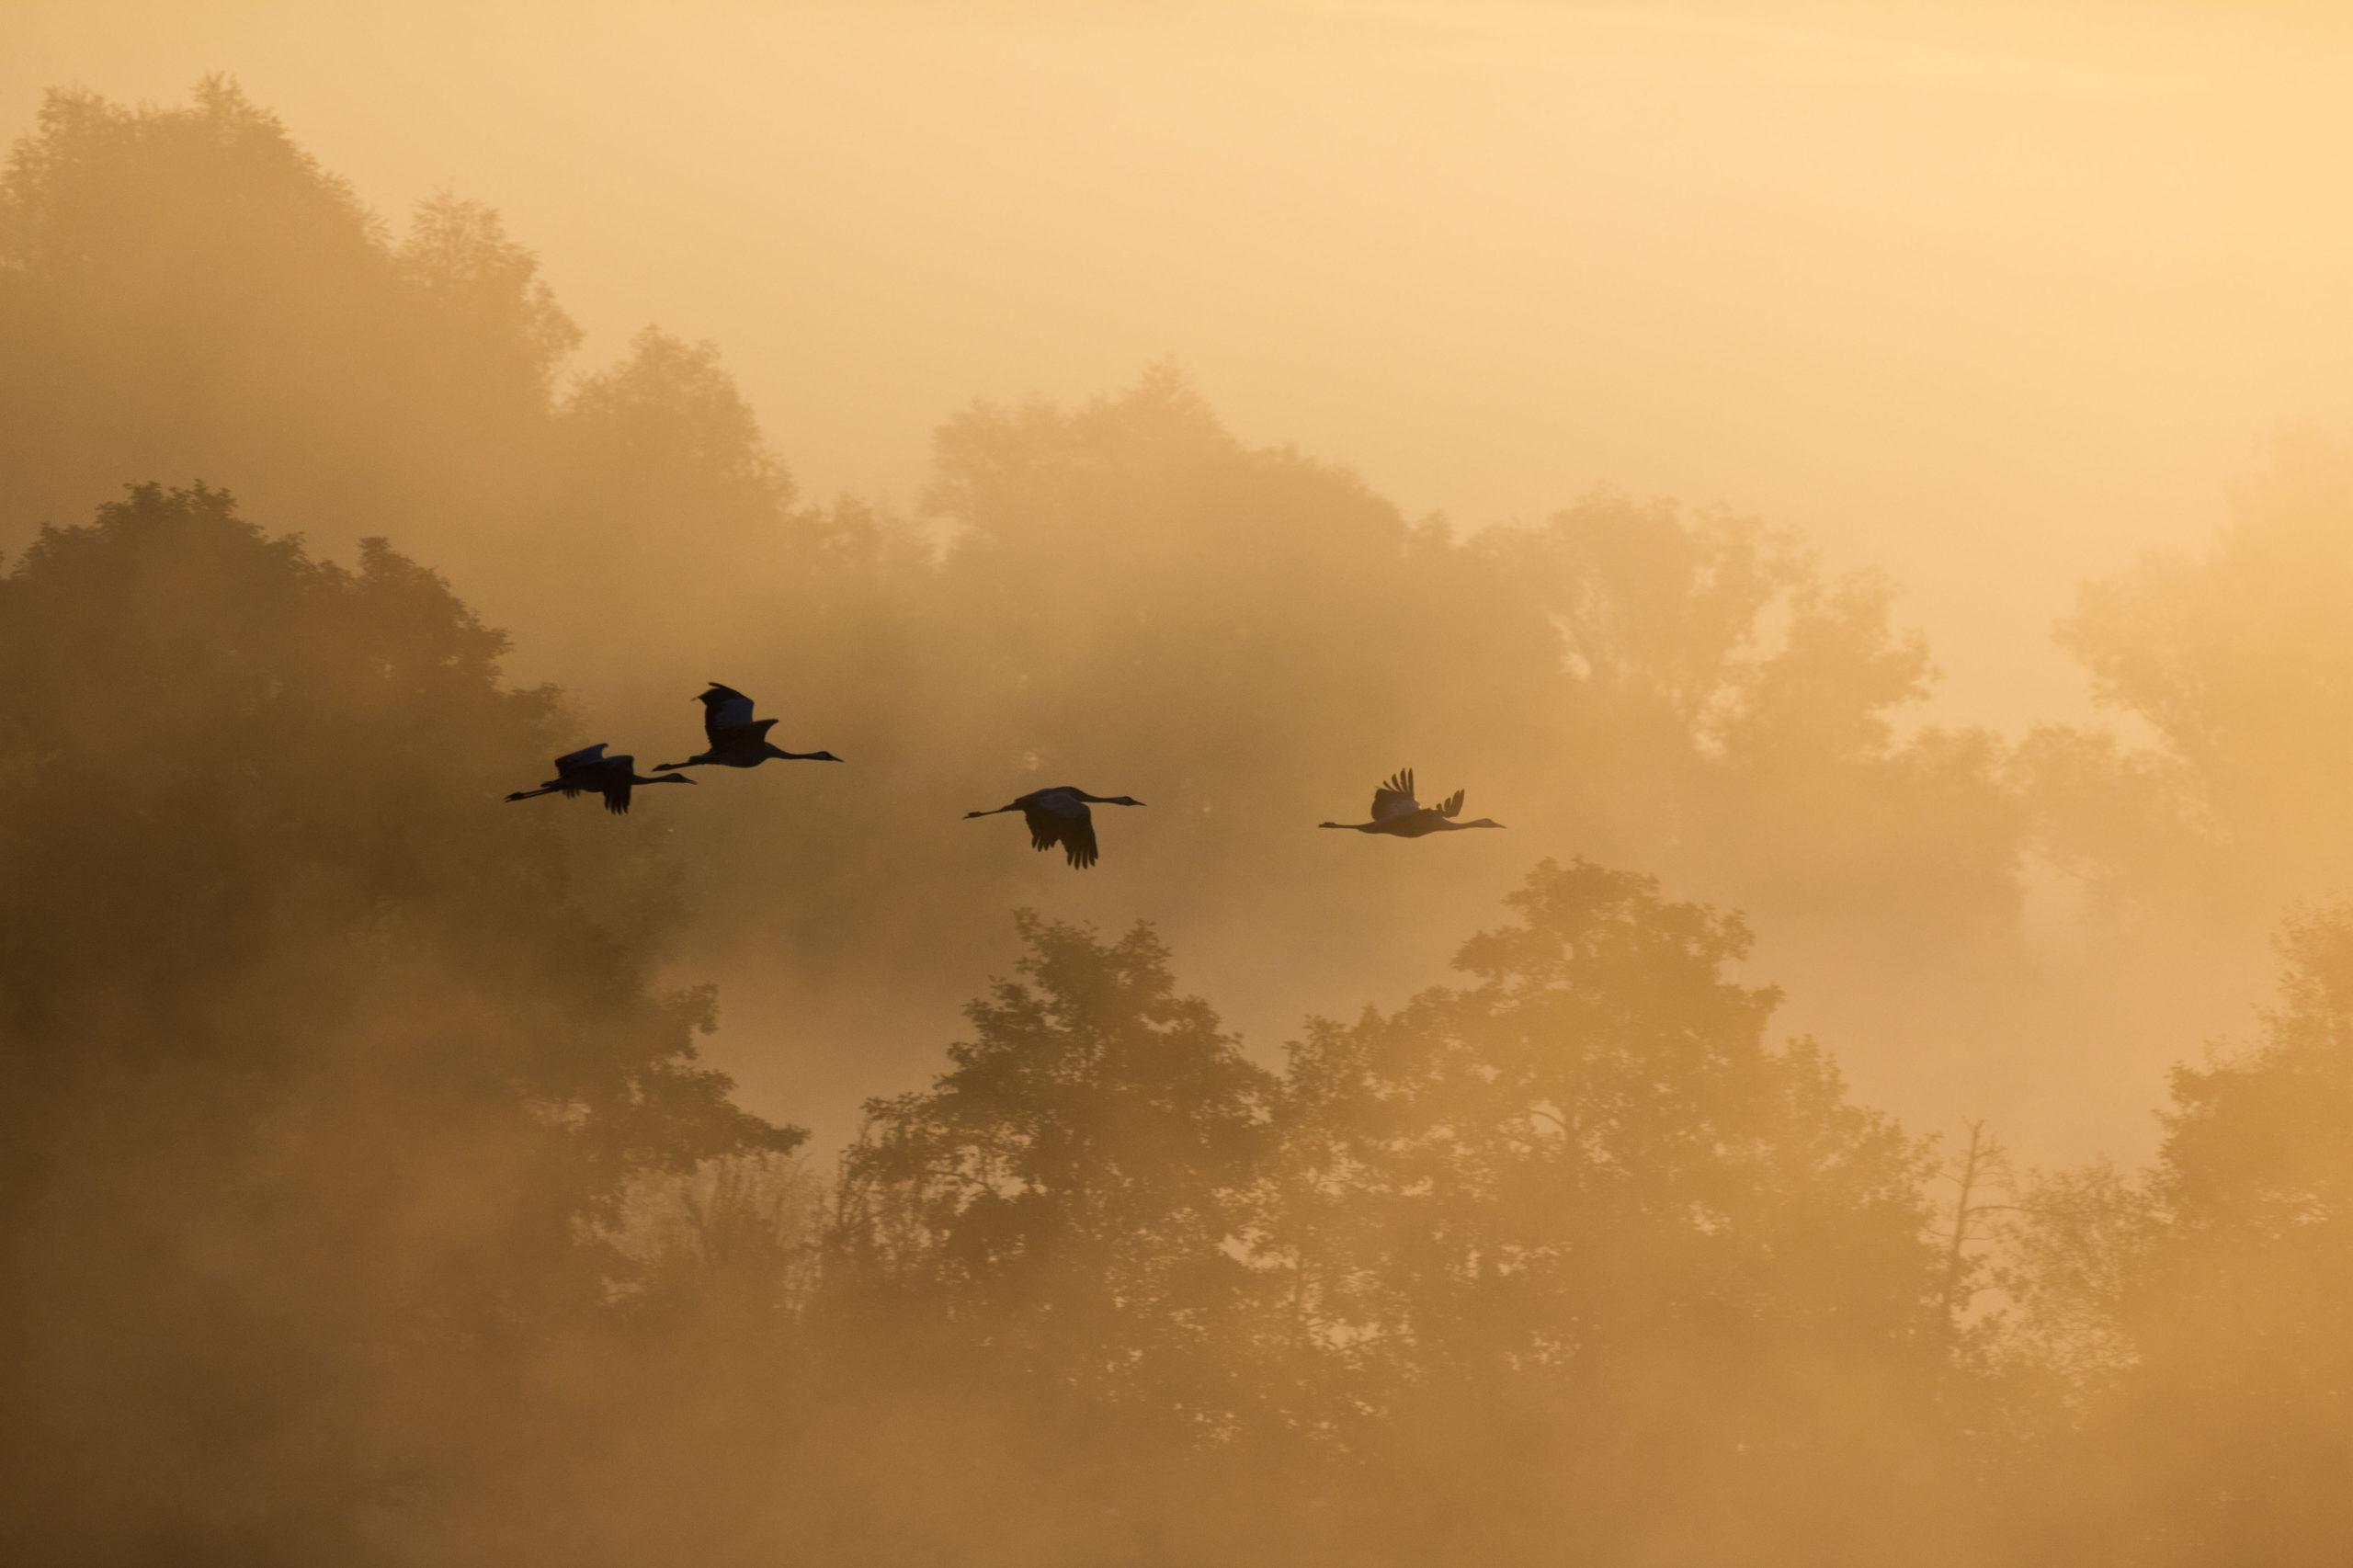 Die Gesänge der Zugvögel erleben